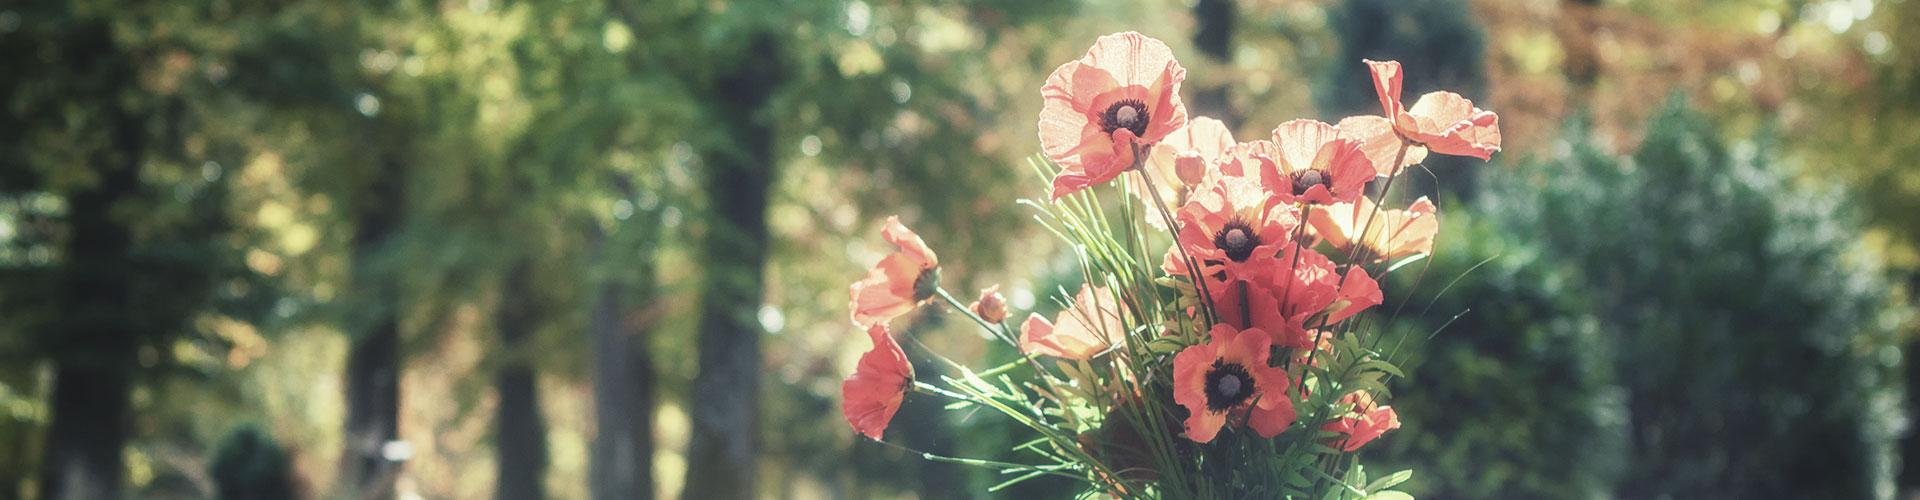 Schmuck-Blumen, im Hintergrund ein Wald